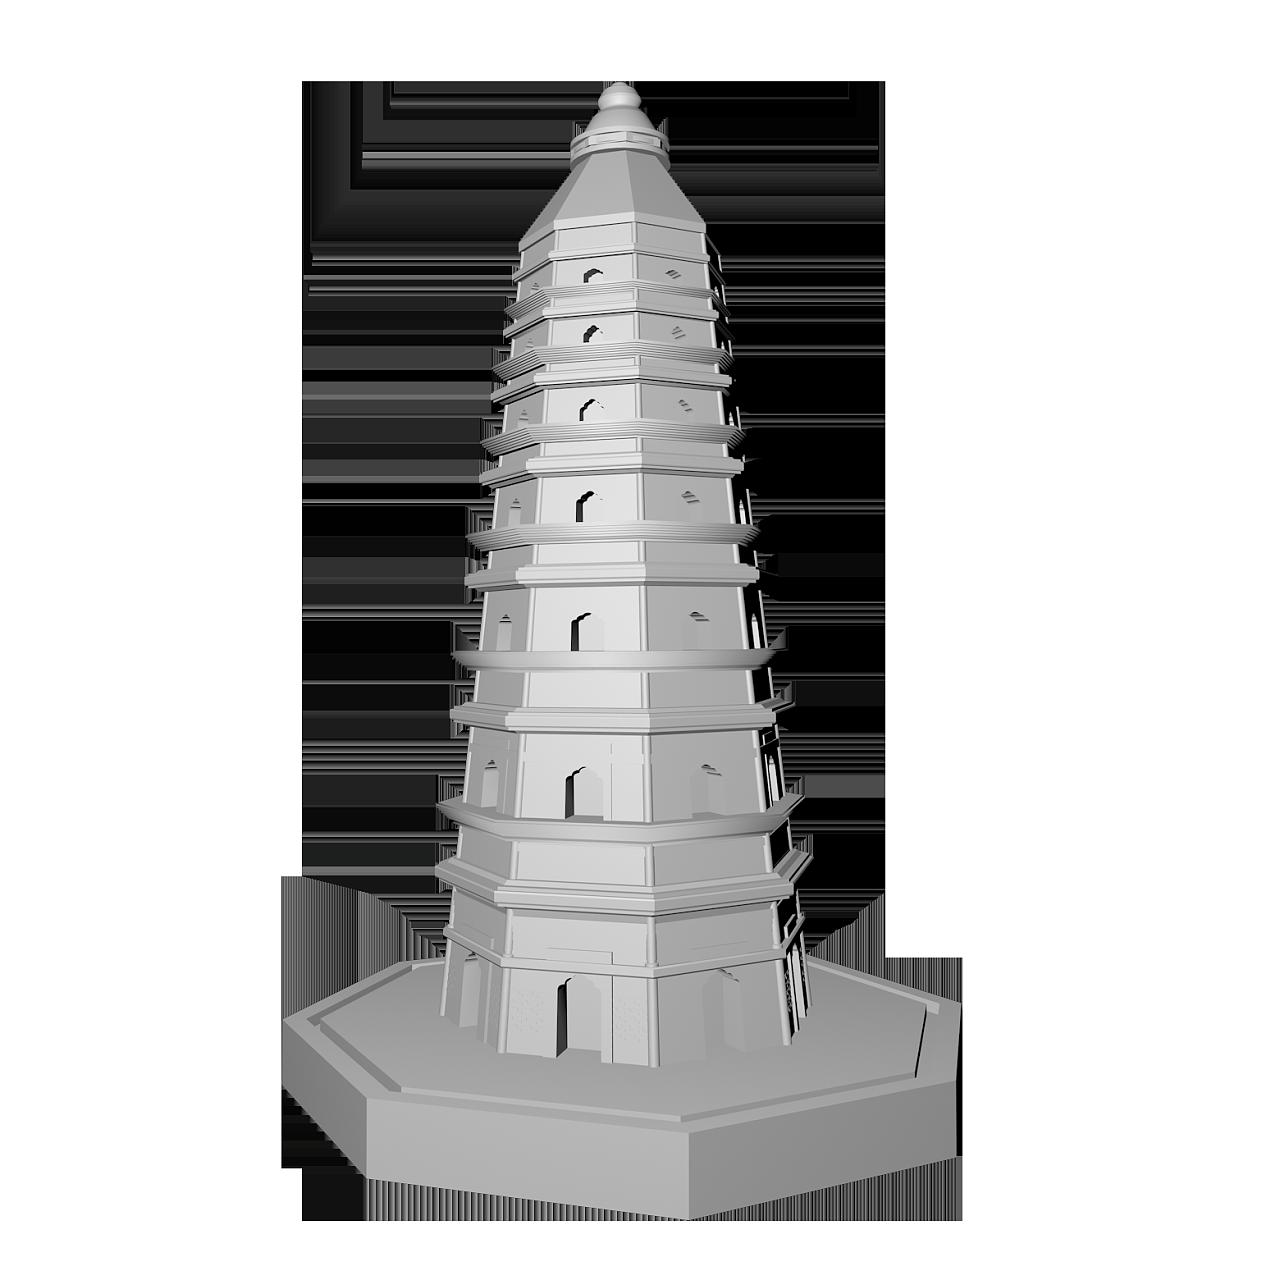 c4d打印3d建筑设计开发苏州结合文创文明(毕设)#新风青春2017讲平面树产品答卷广告设计图片